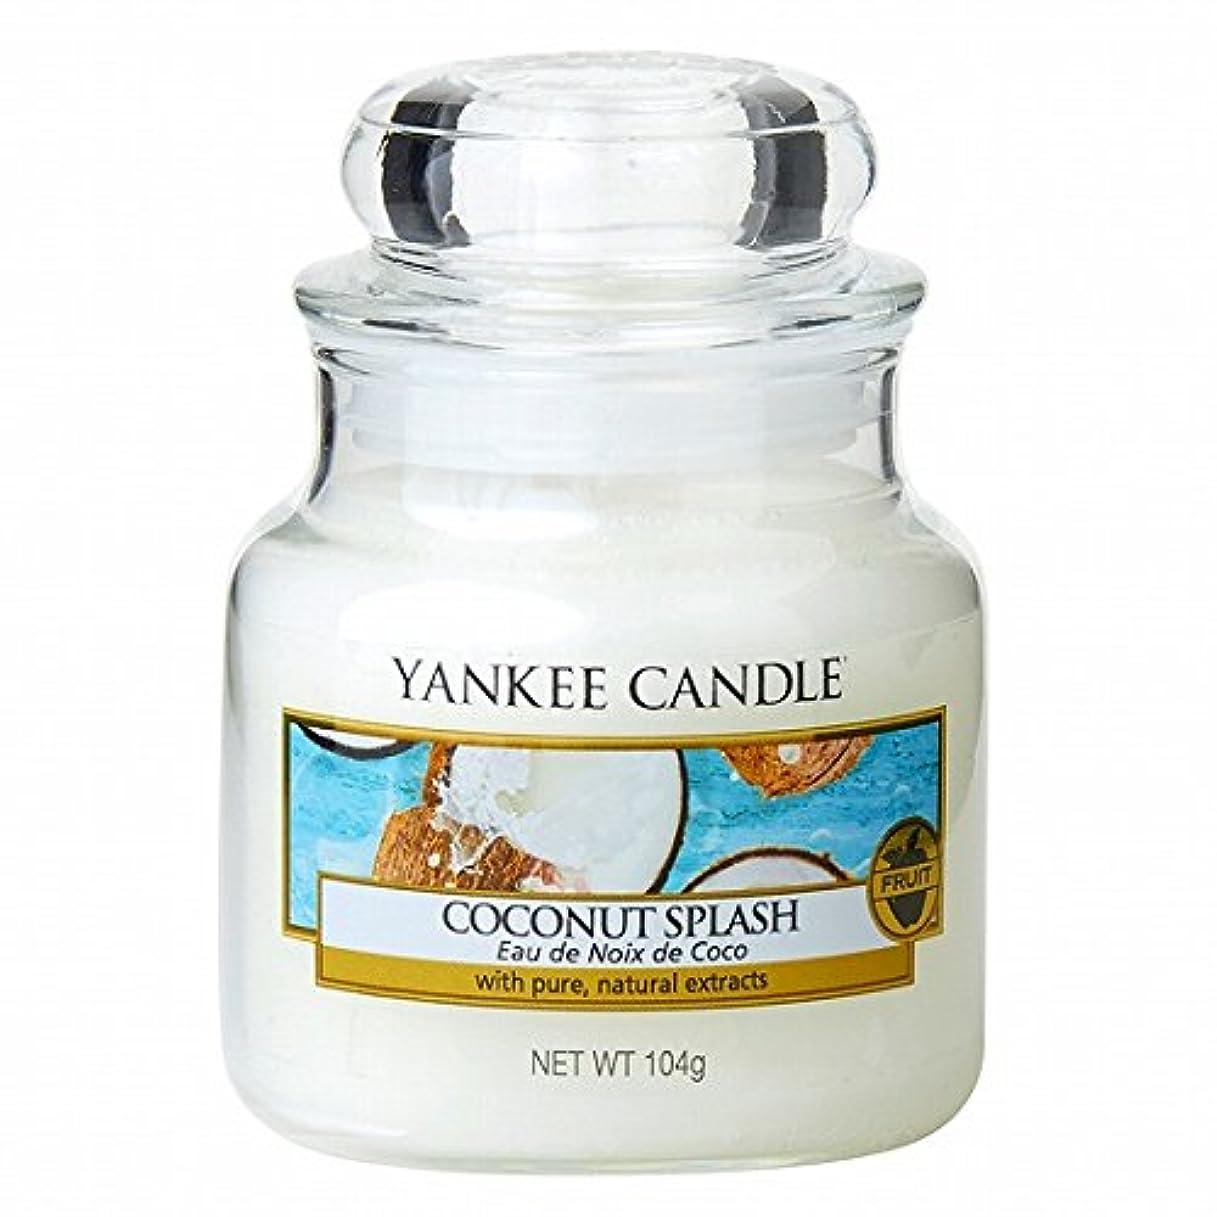 不忠診断するシャーヤンキーキャンドル( YANKEE CANDLE ) YANKEE CANDLEジャーS 「 ココナッツスプラッシュ 」K00305320